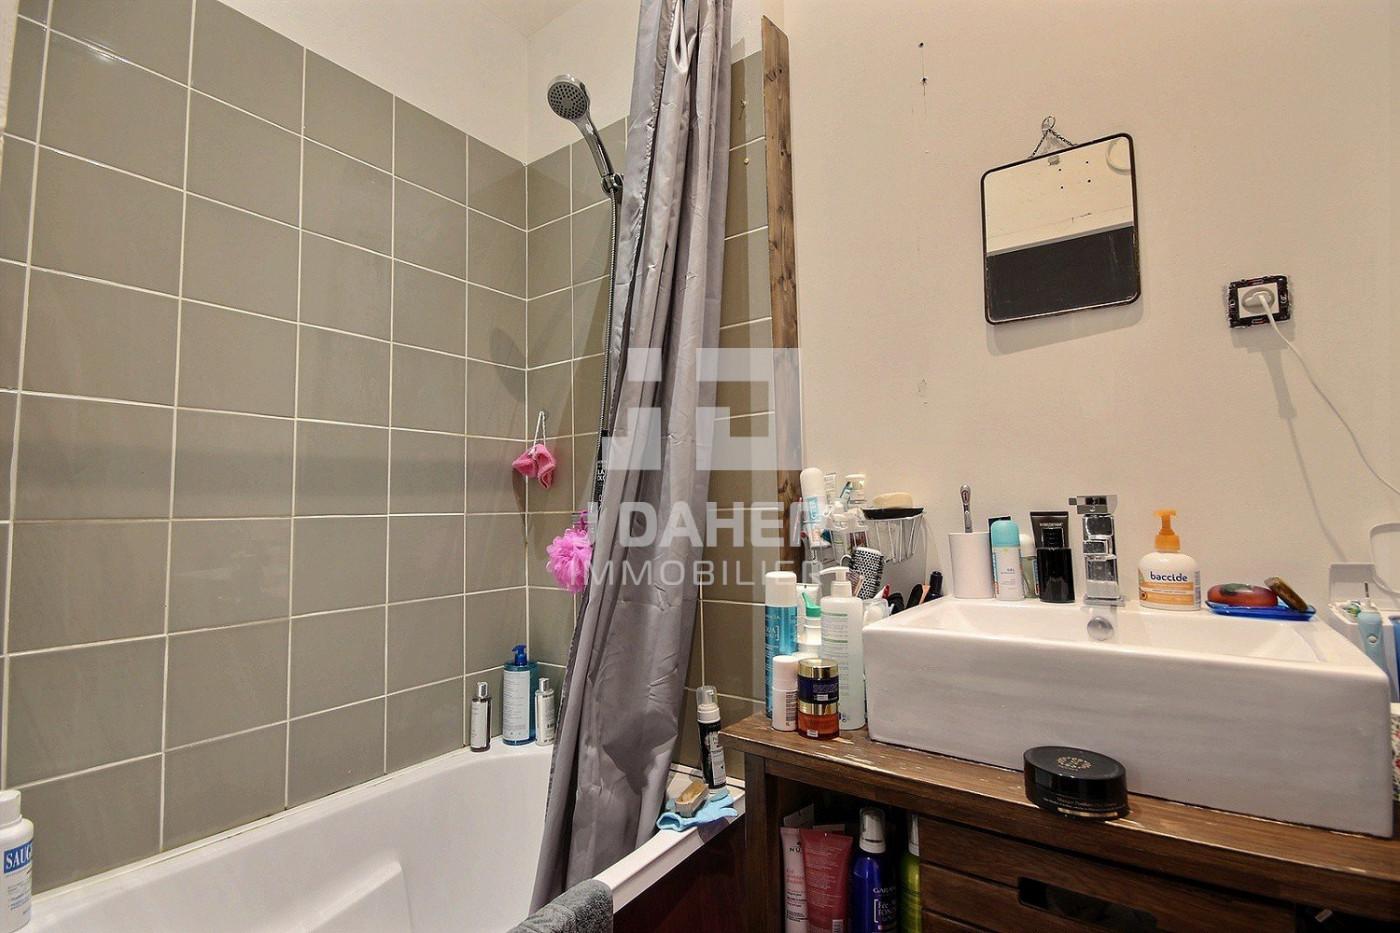 A vendre  Marseille 6eme Arrondissement | Réf 13025968 - J daher immobilier